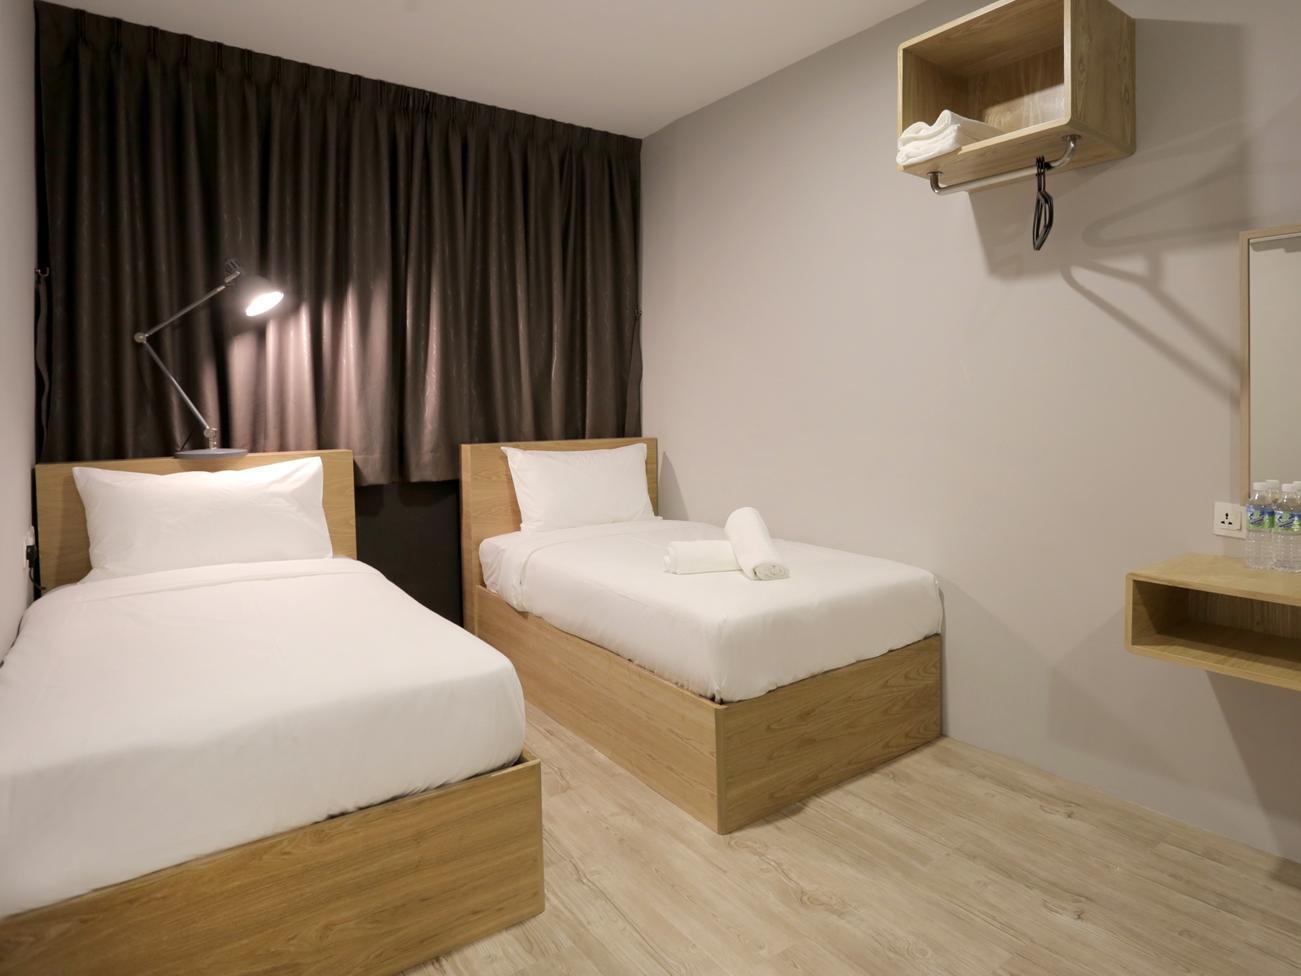 Vio Hotel Sri Petaling, Kuala Lumpur